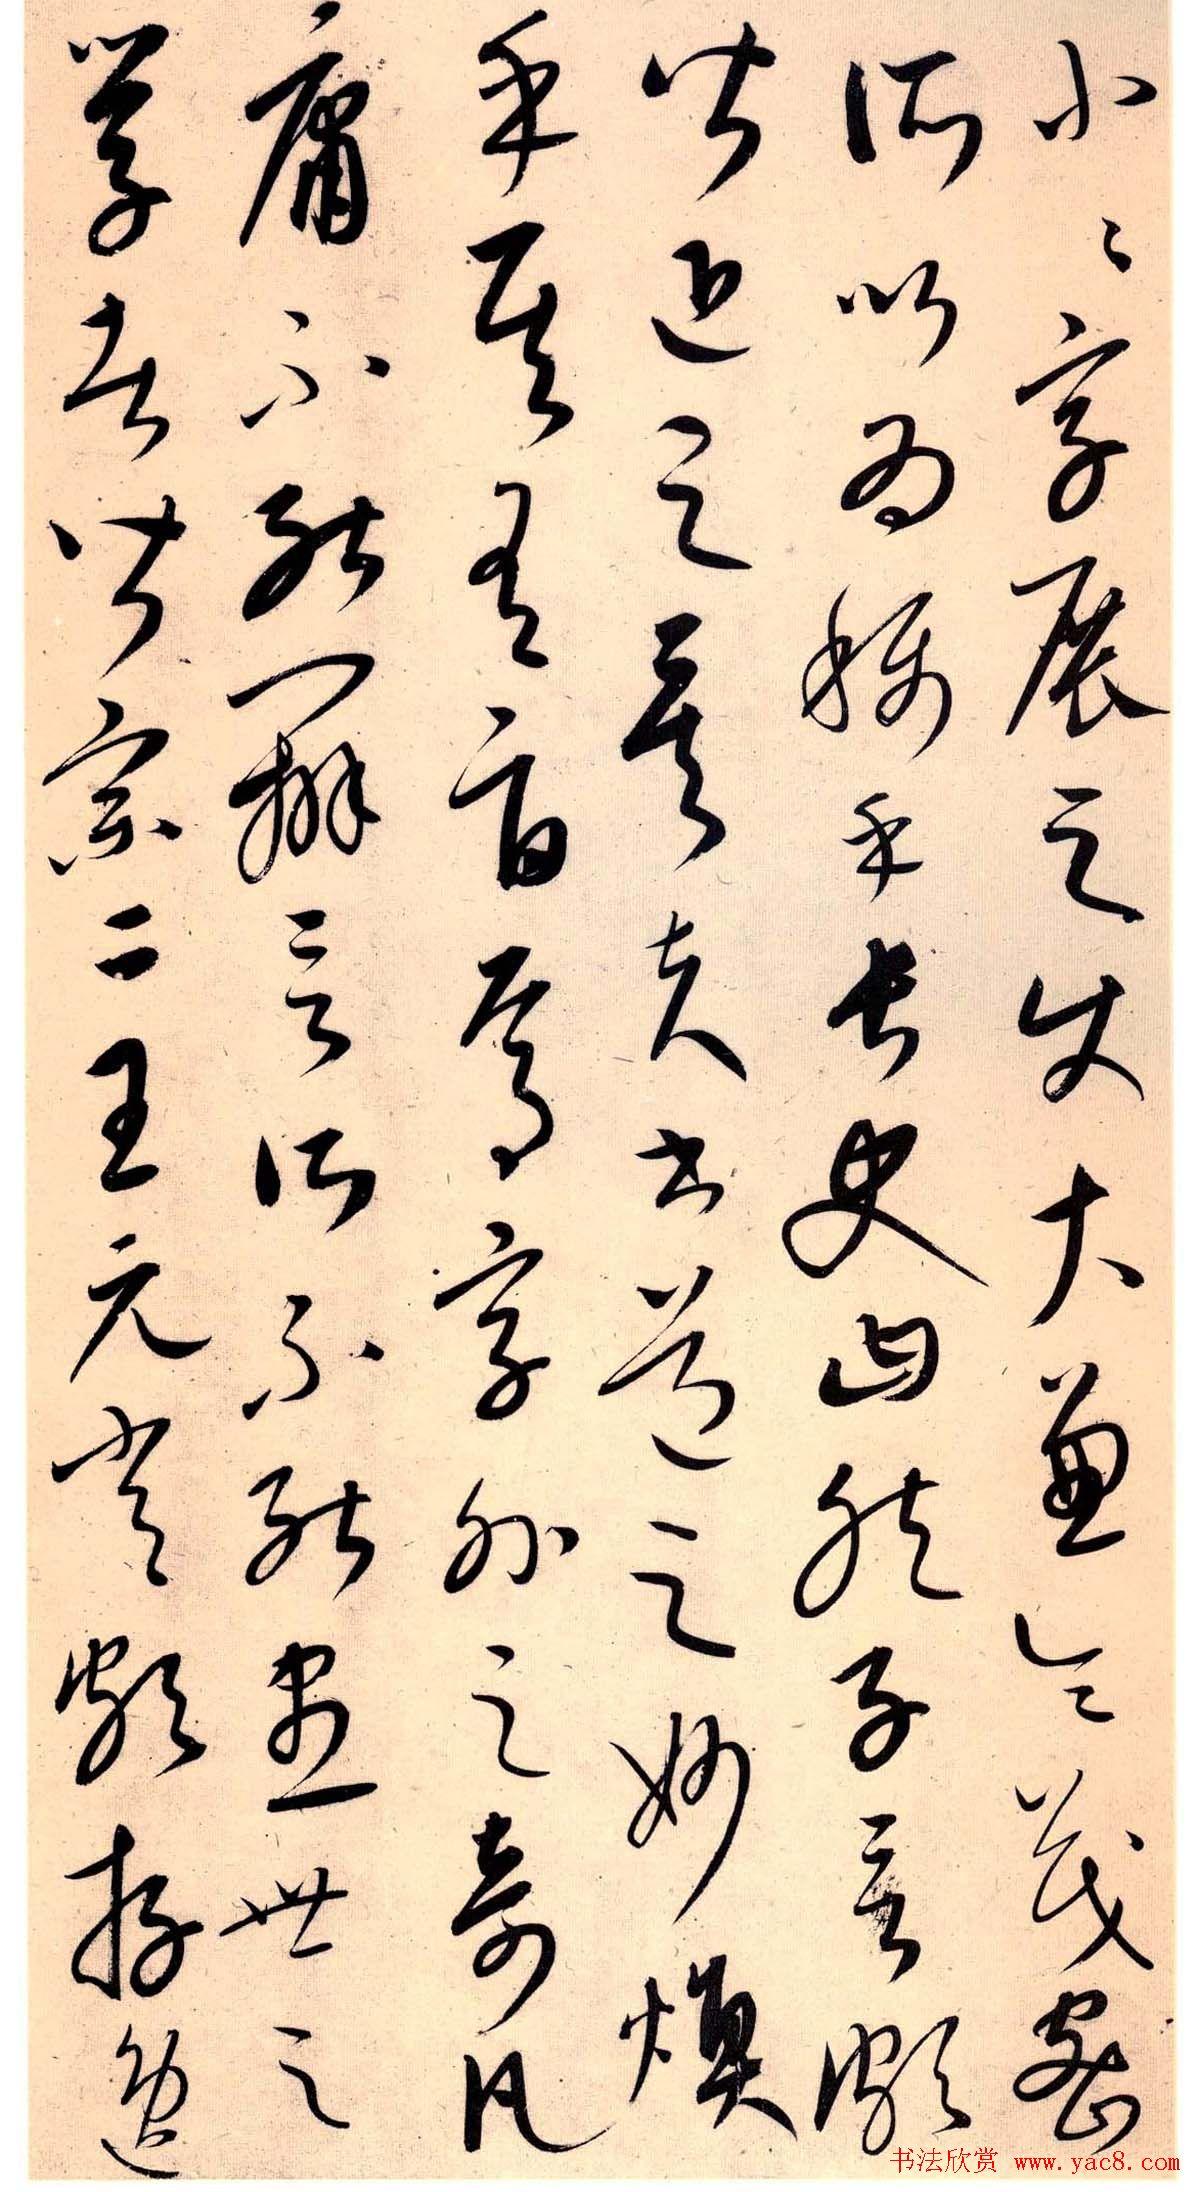 元代康里巎巎草书《张旭笔法卷》